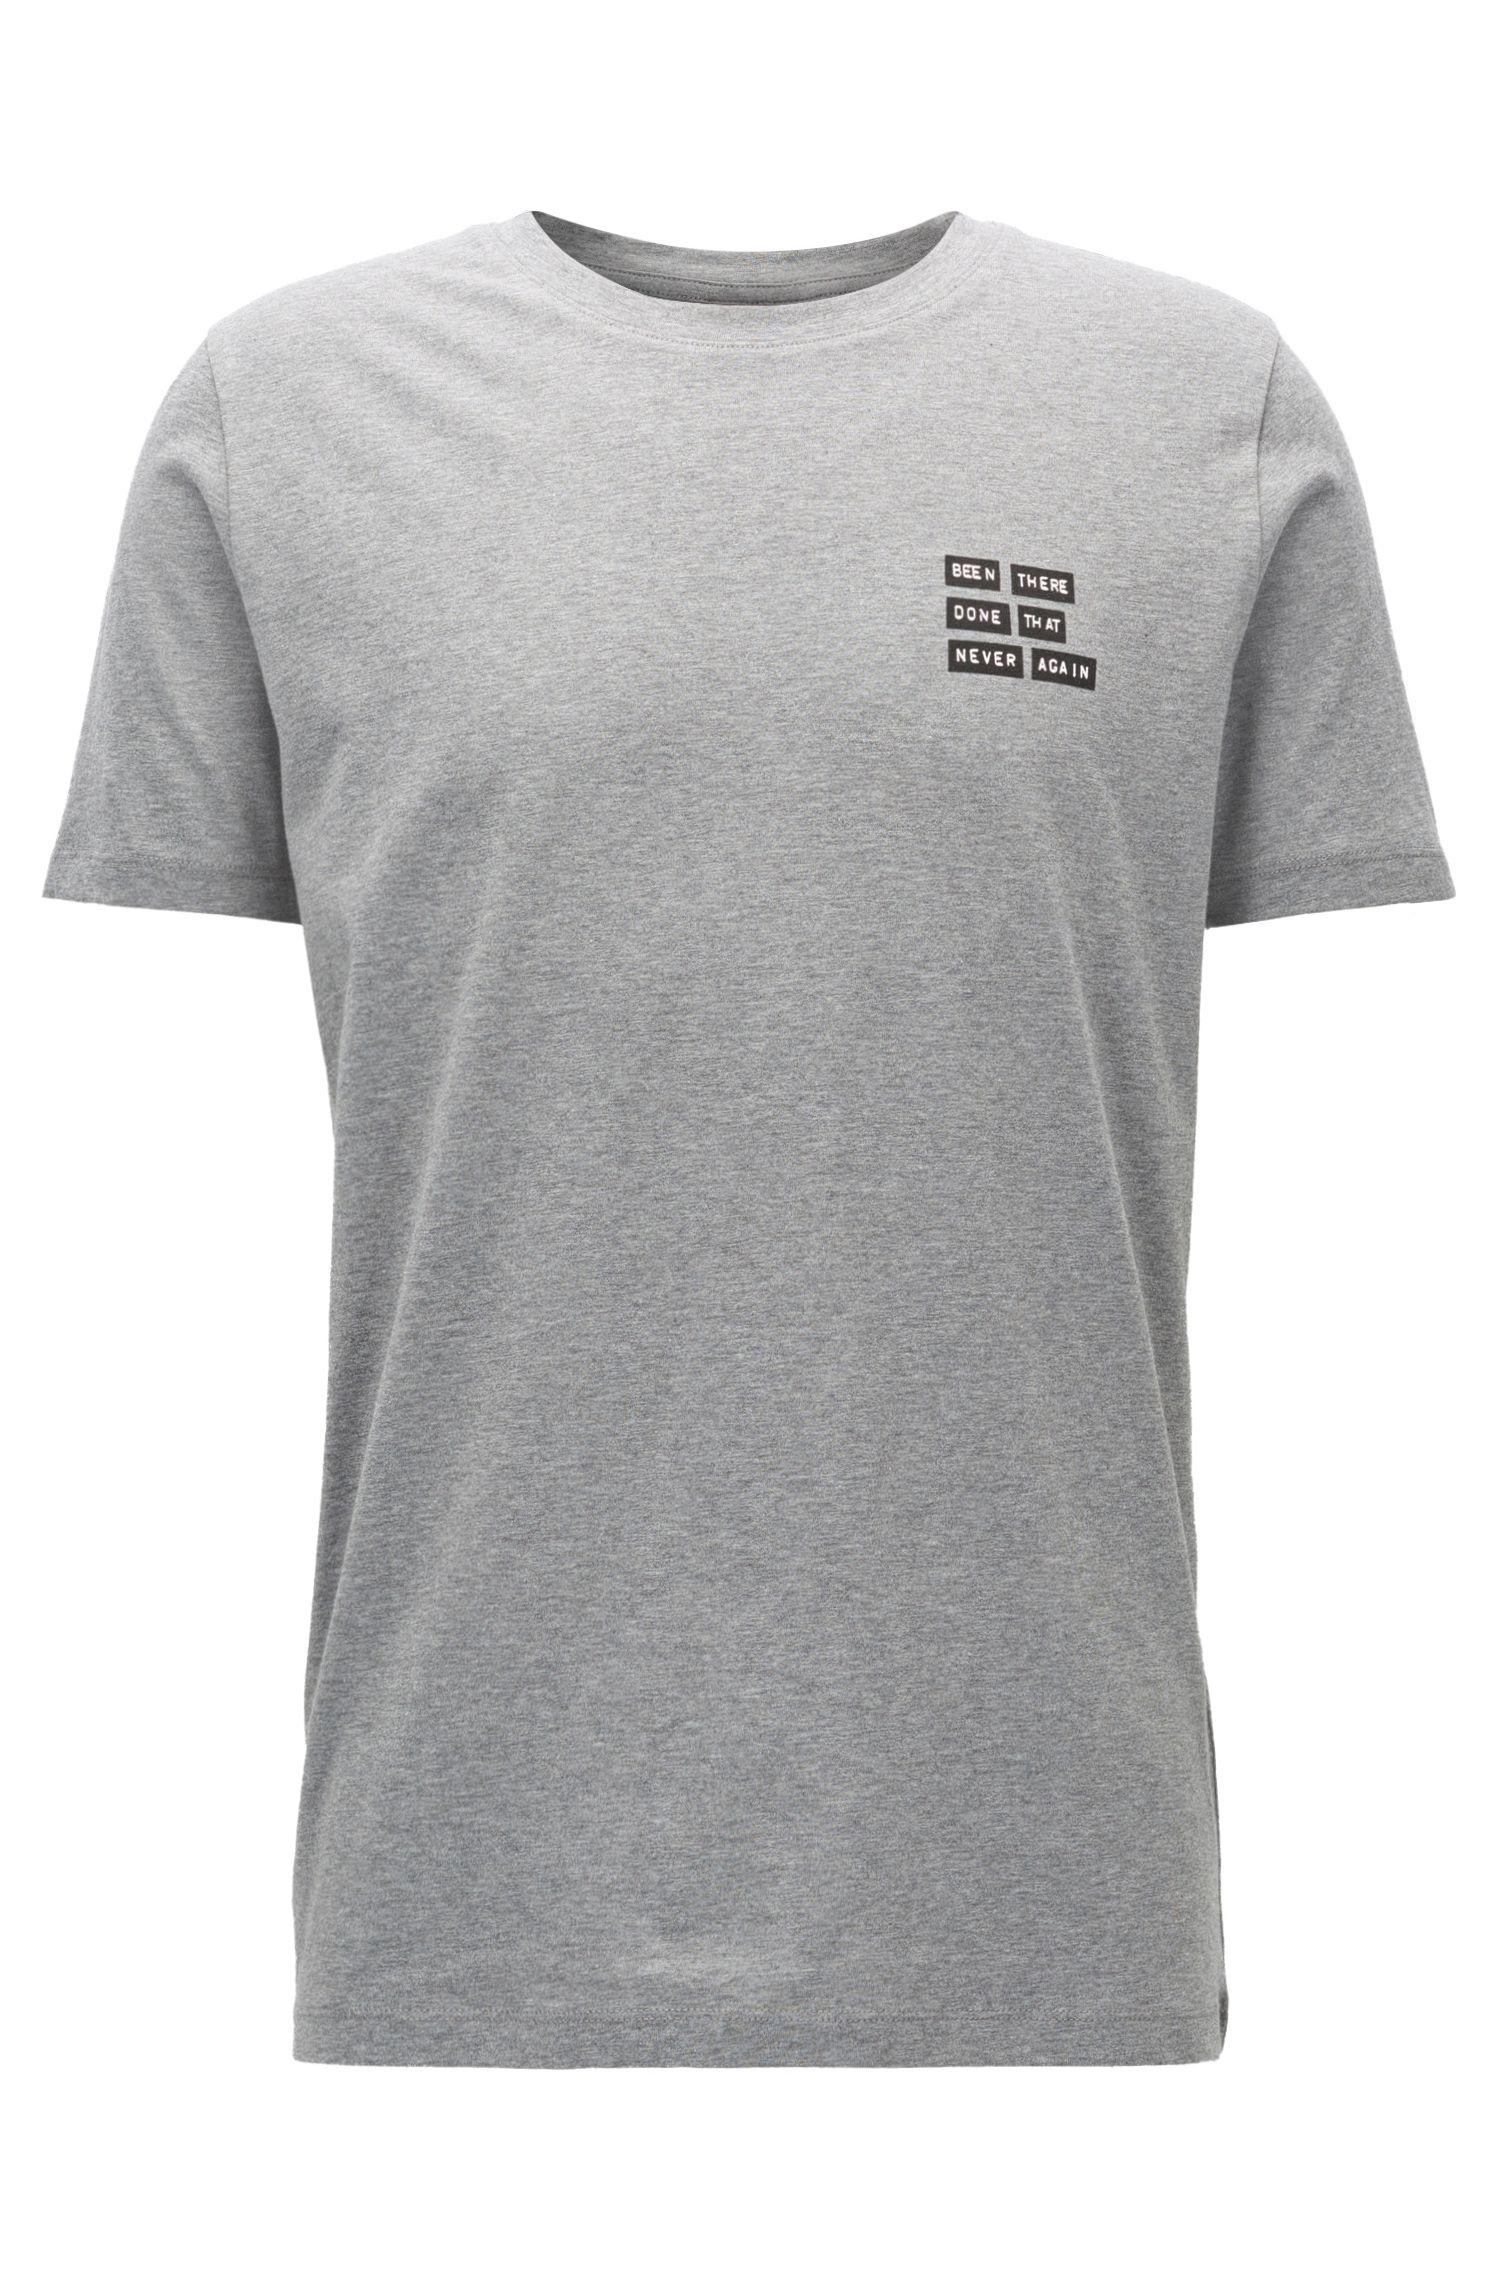 Cotton Graphic T-Shirt | Dords